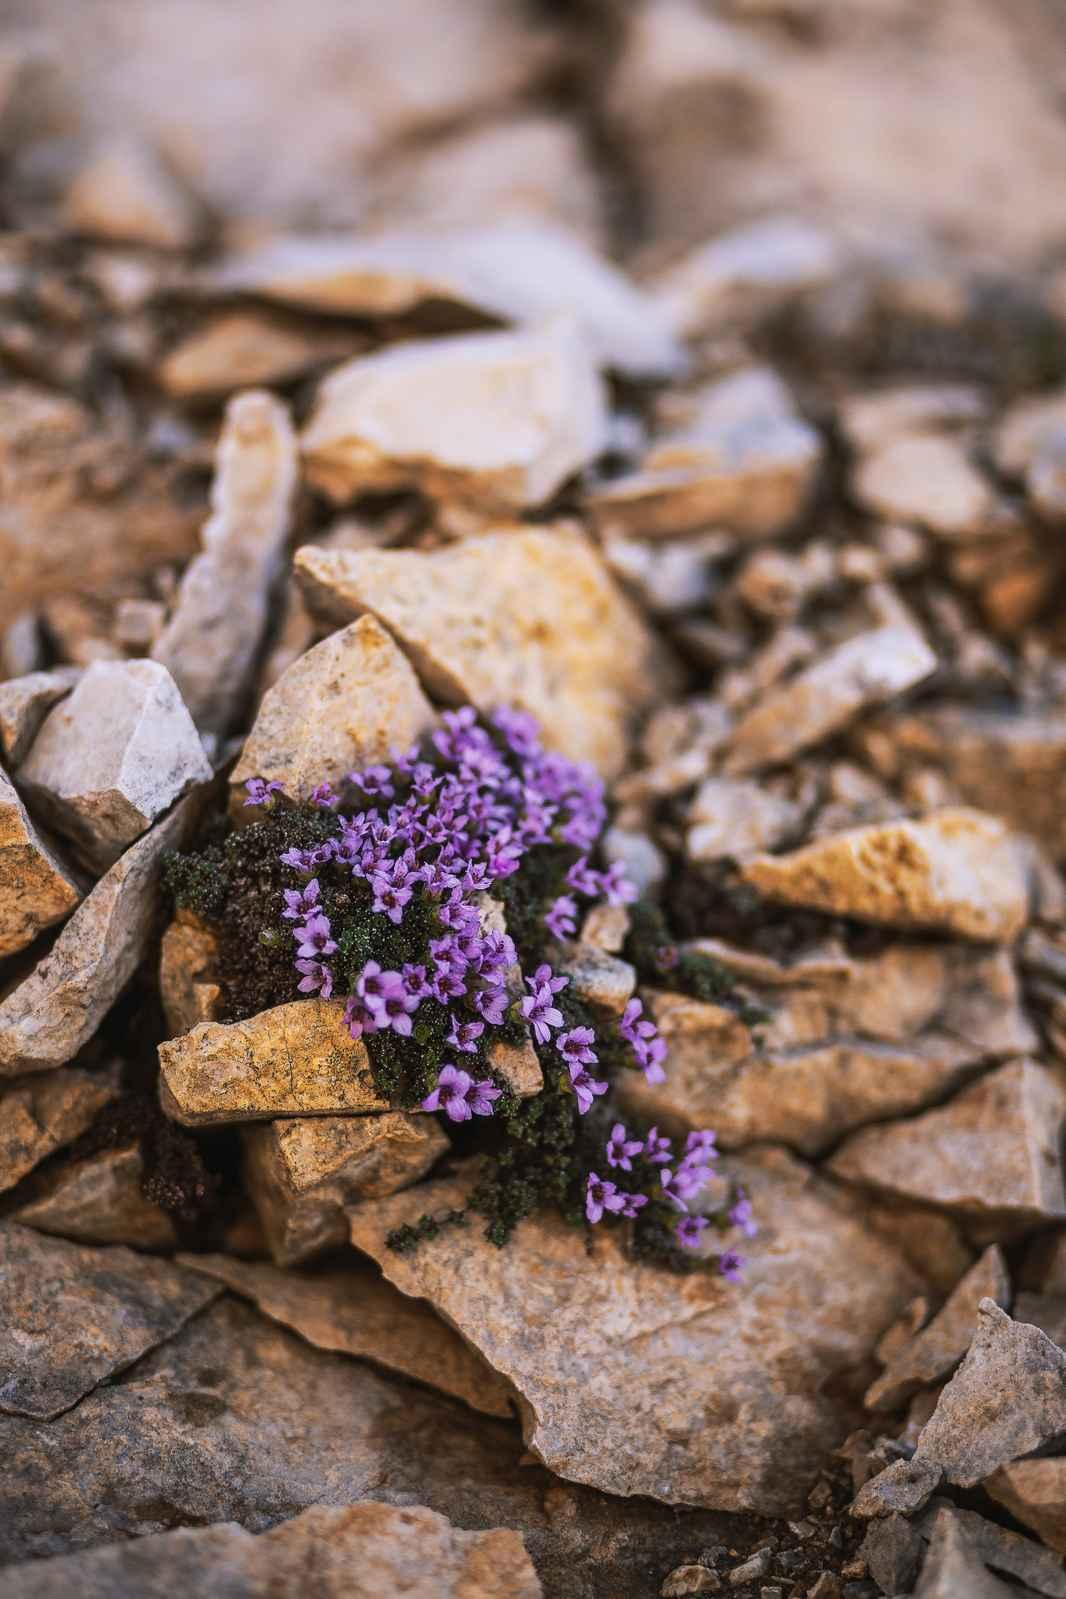 blomster op fra sten.jpg